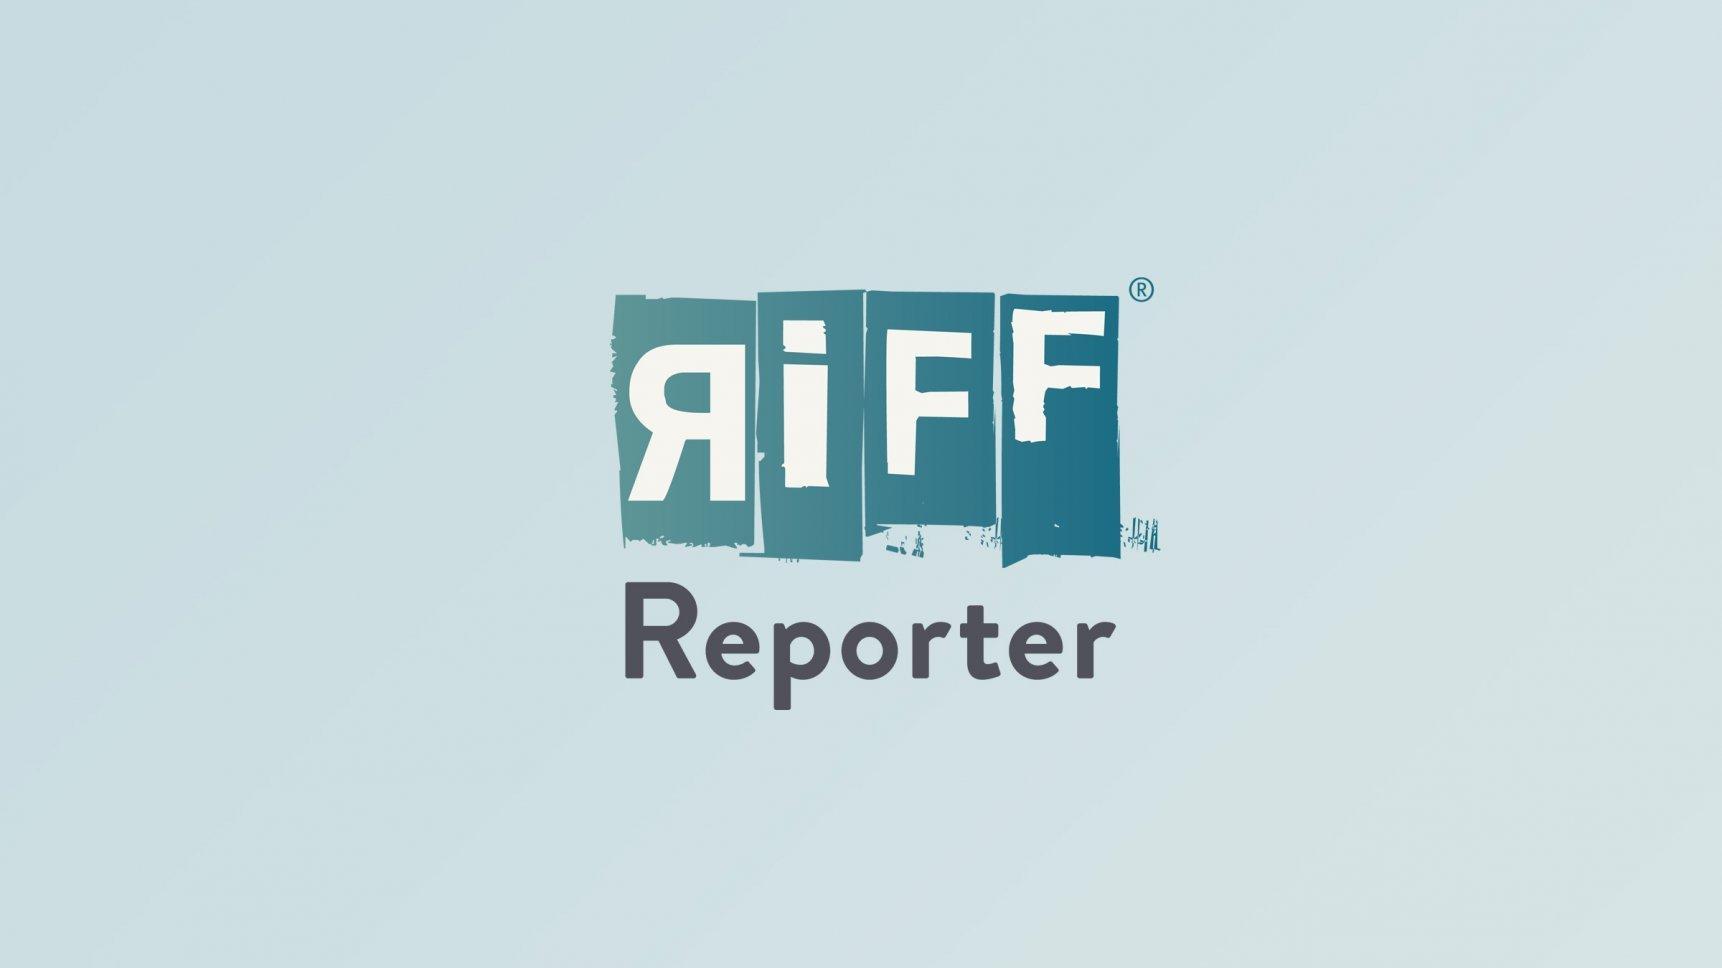 Grafik der Erde, die von tausenden Satelliten umkreist wird